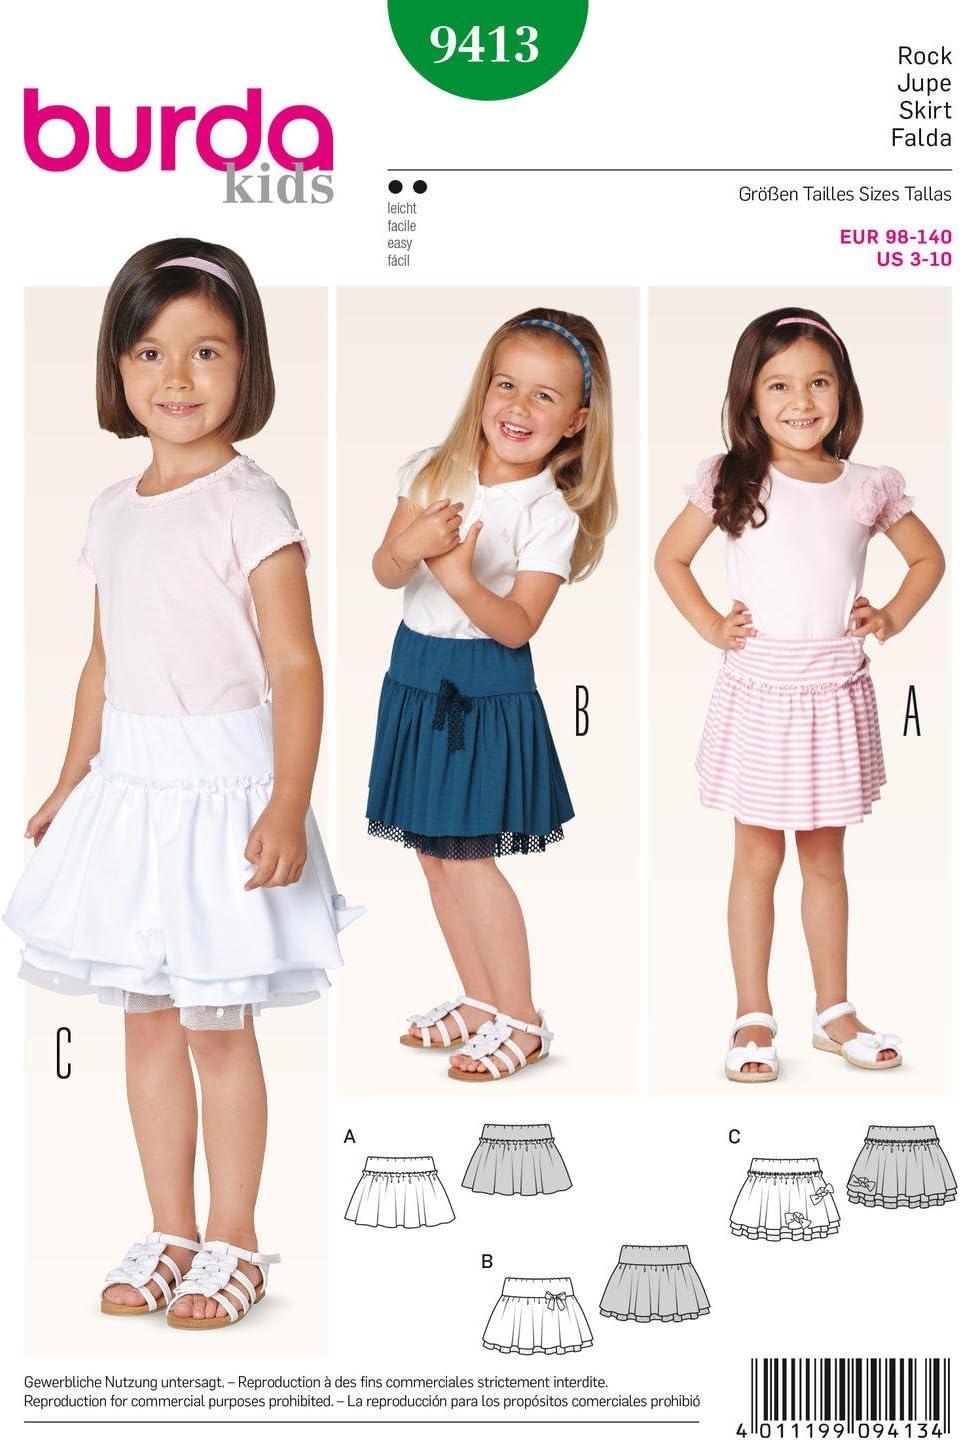 Burda Patrón 9413 Kids Falda para niña: Amazon.es: Hogar